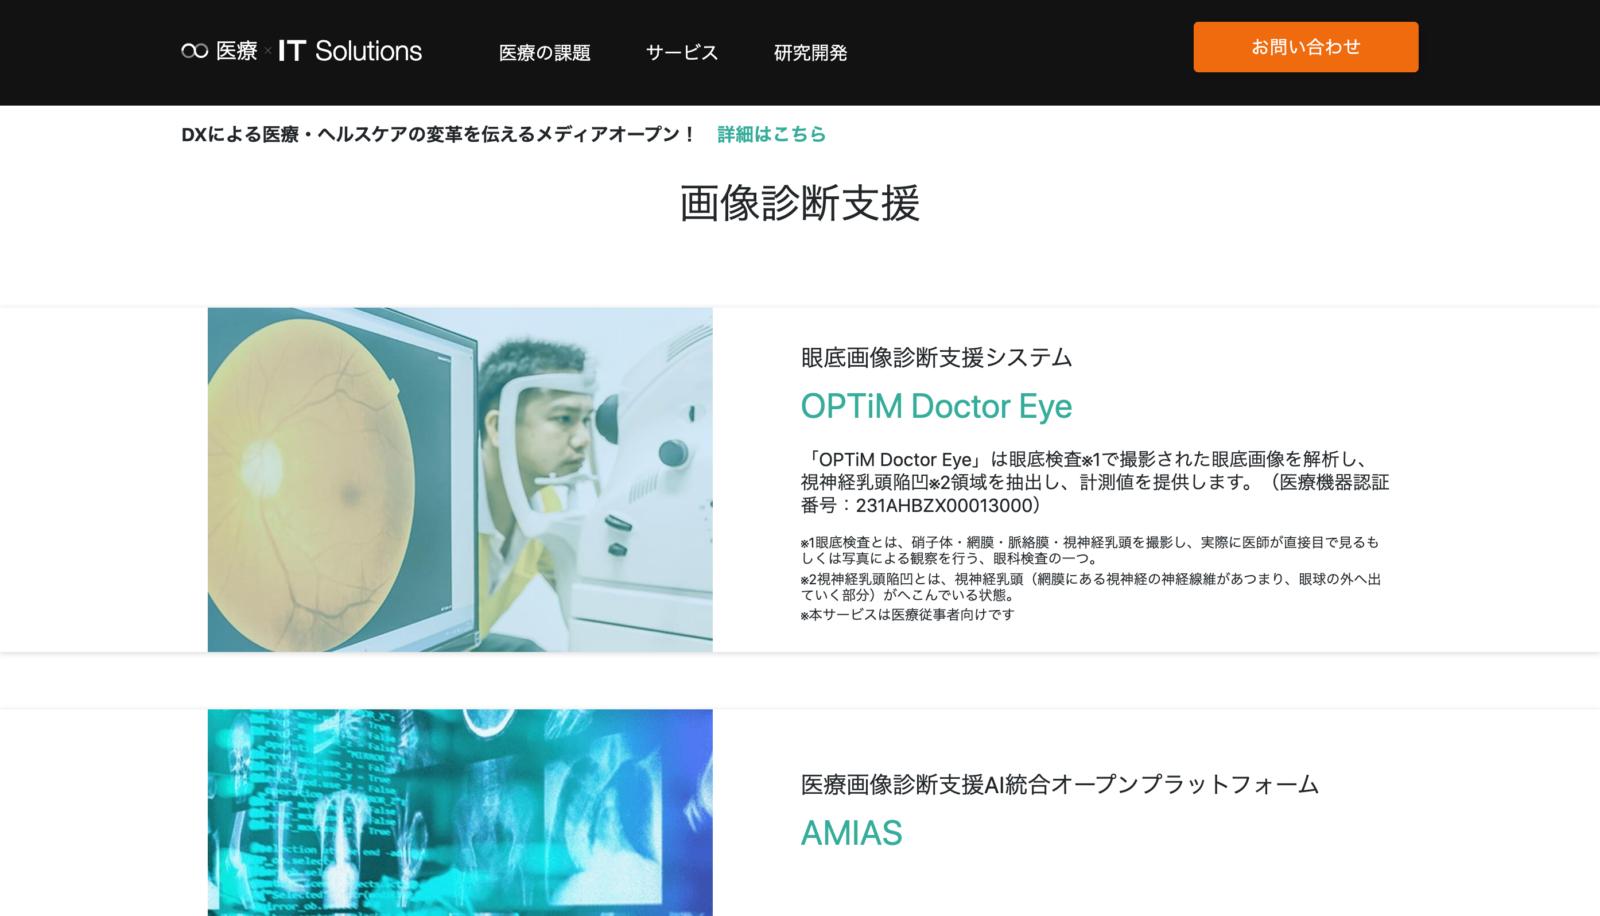 眼底画像診断システム OPTiM Doctor Eye